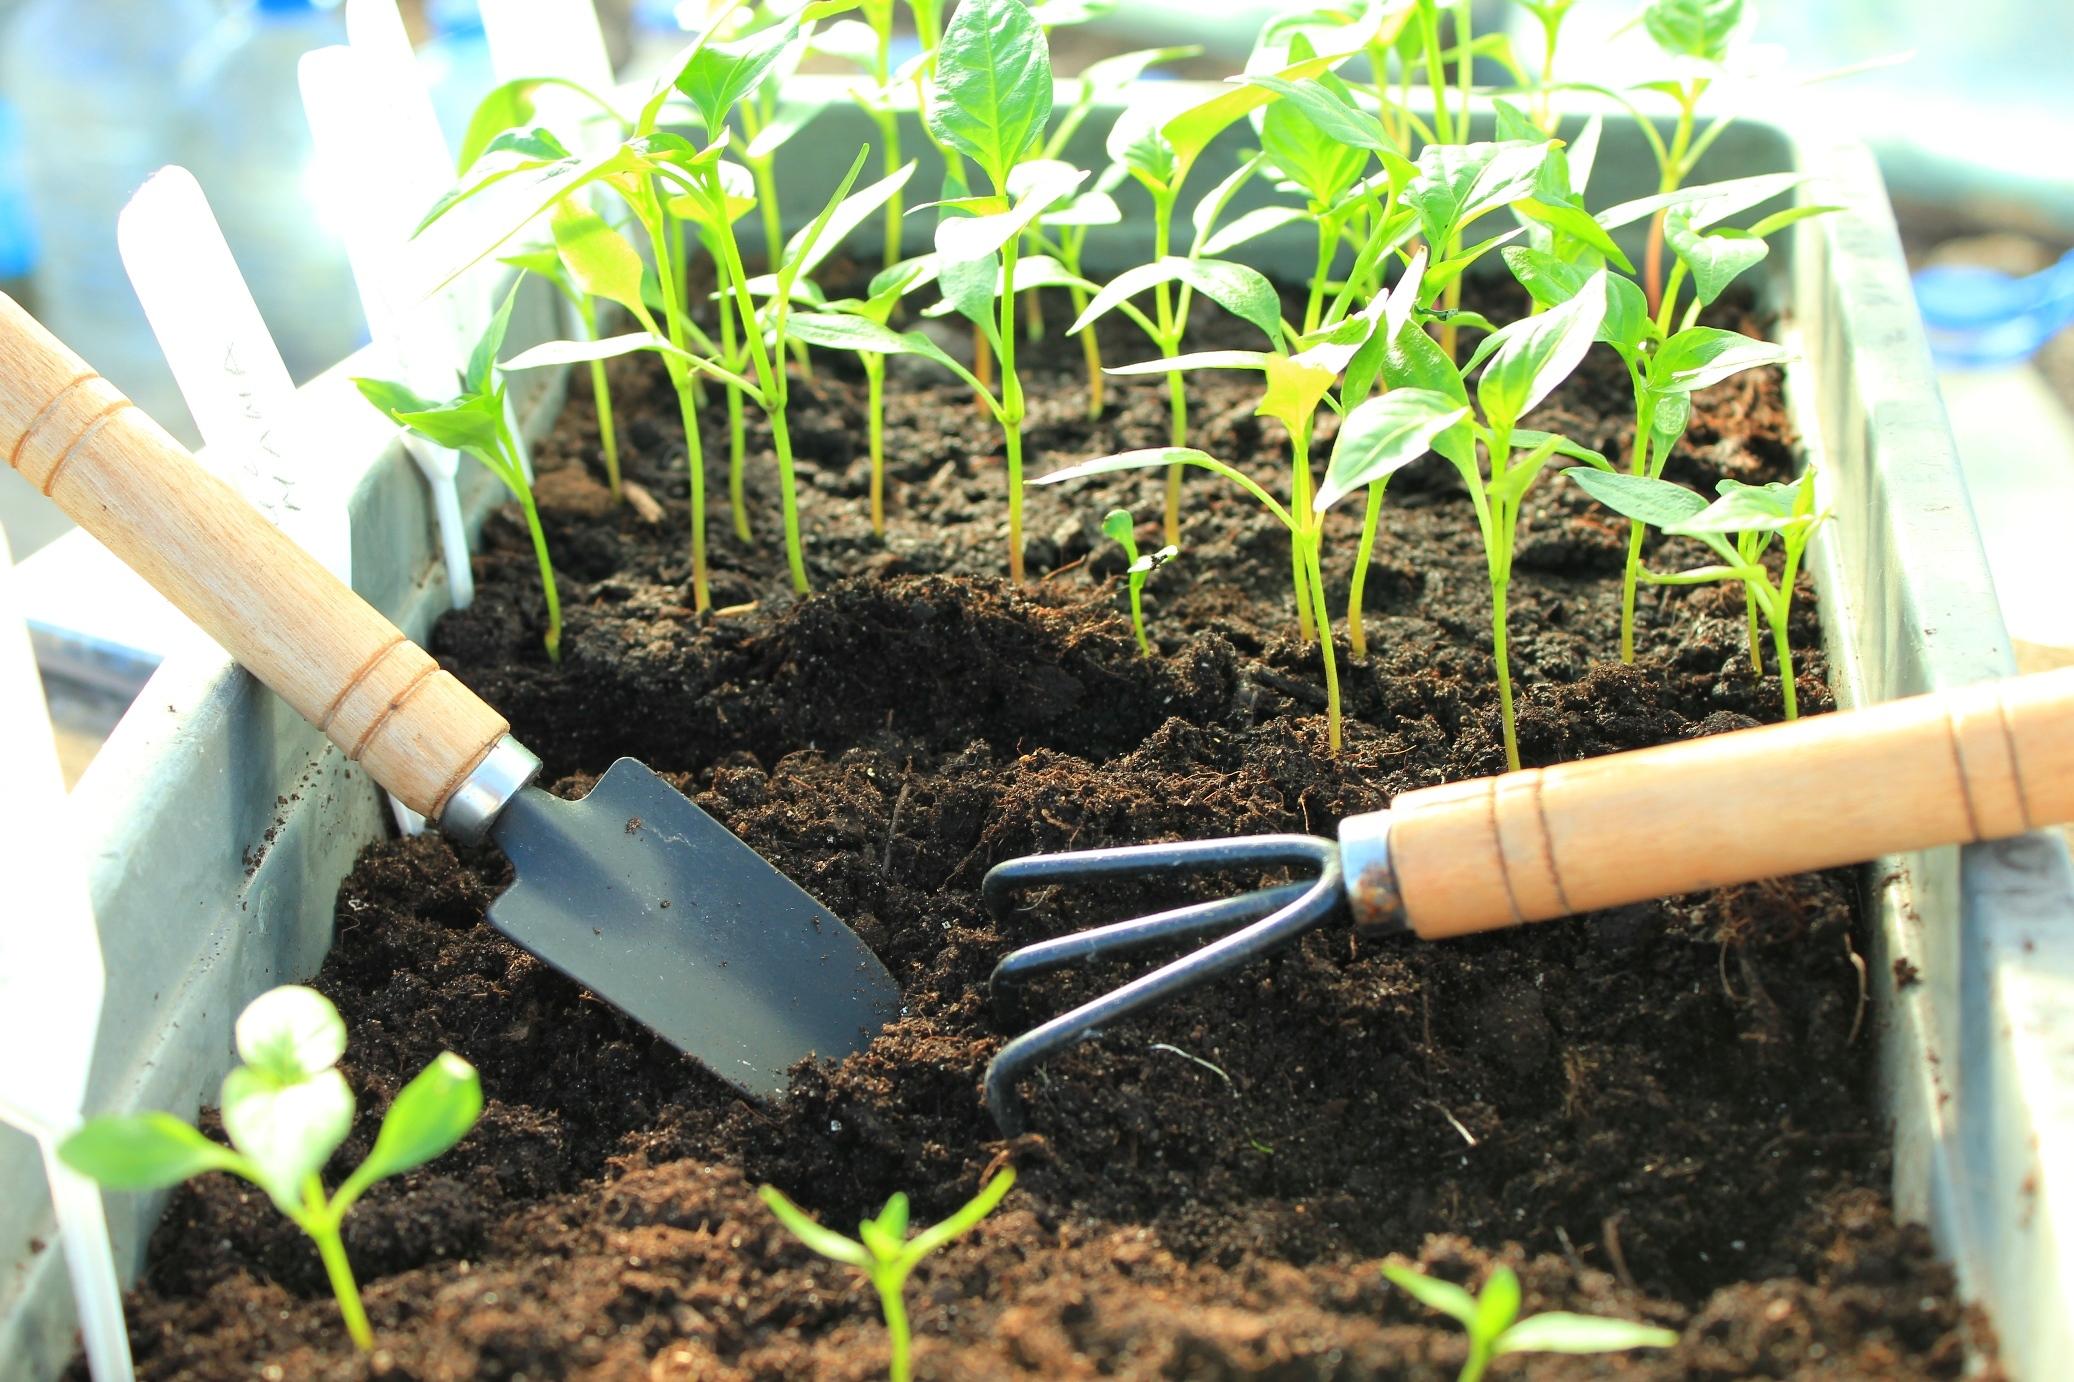 Капуста: выращивание и уход в открытом грунте, вредители и болезни